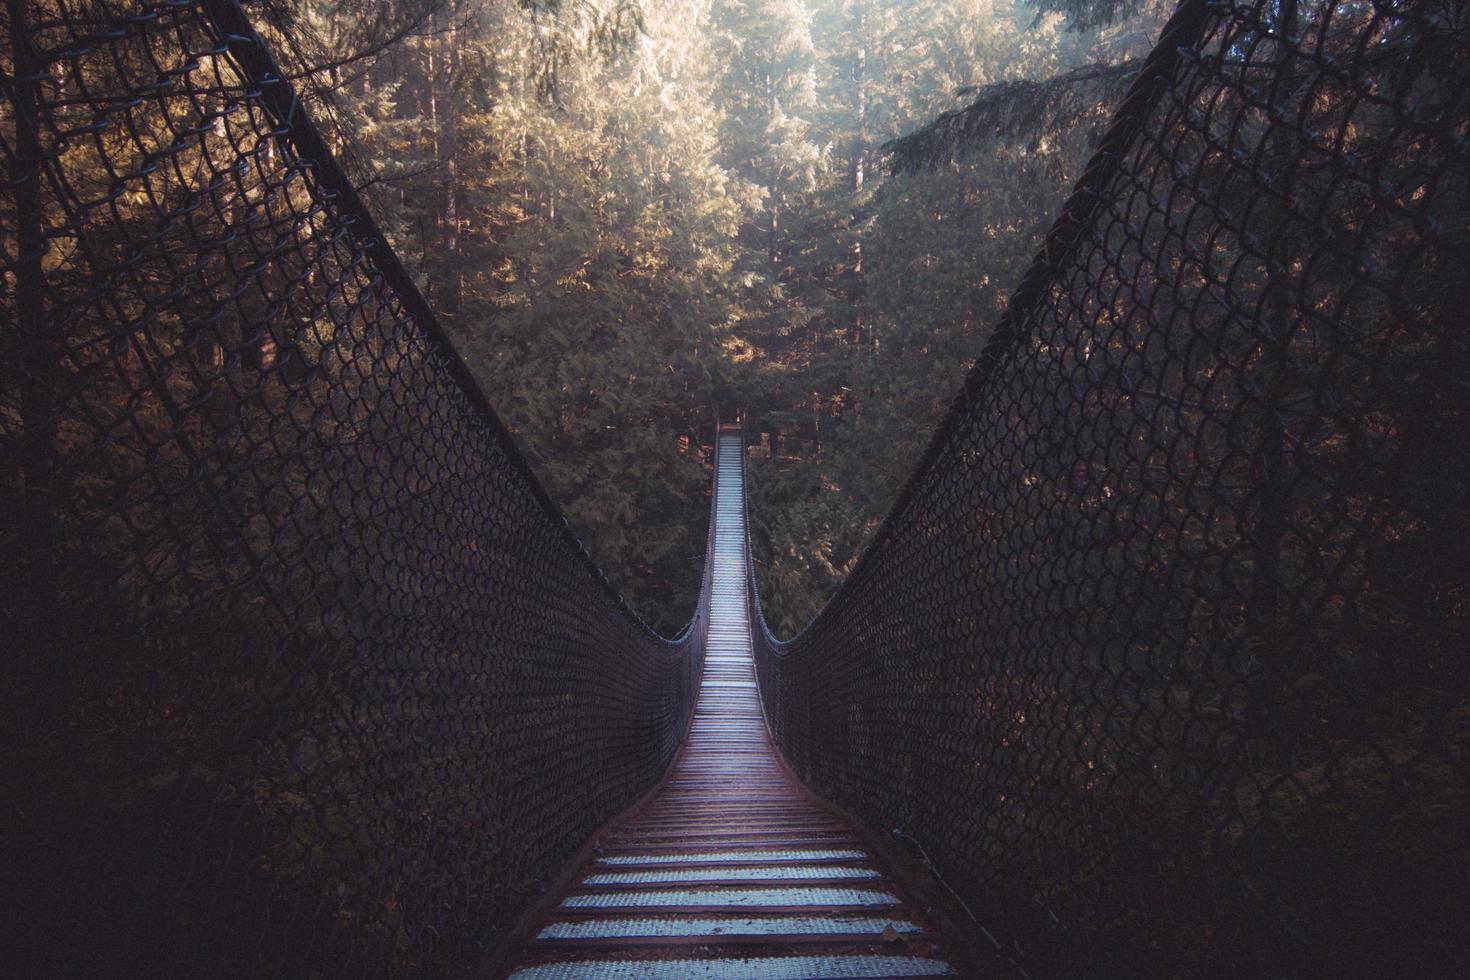 Wooden bridge in forest photo